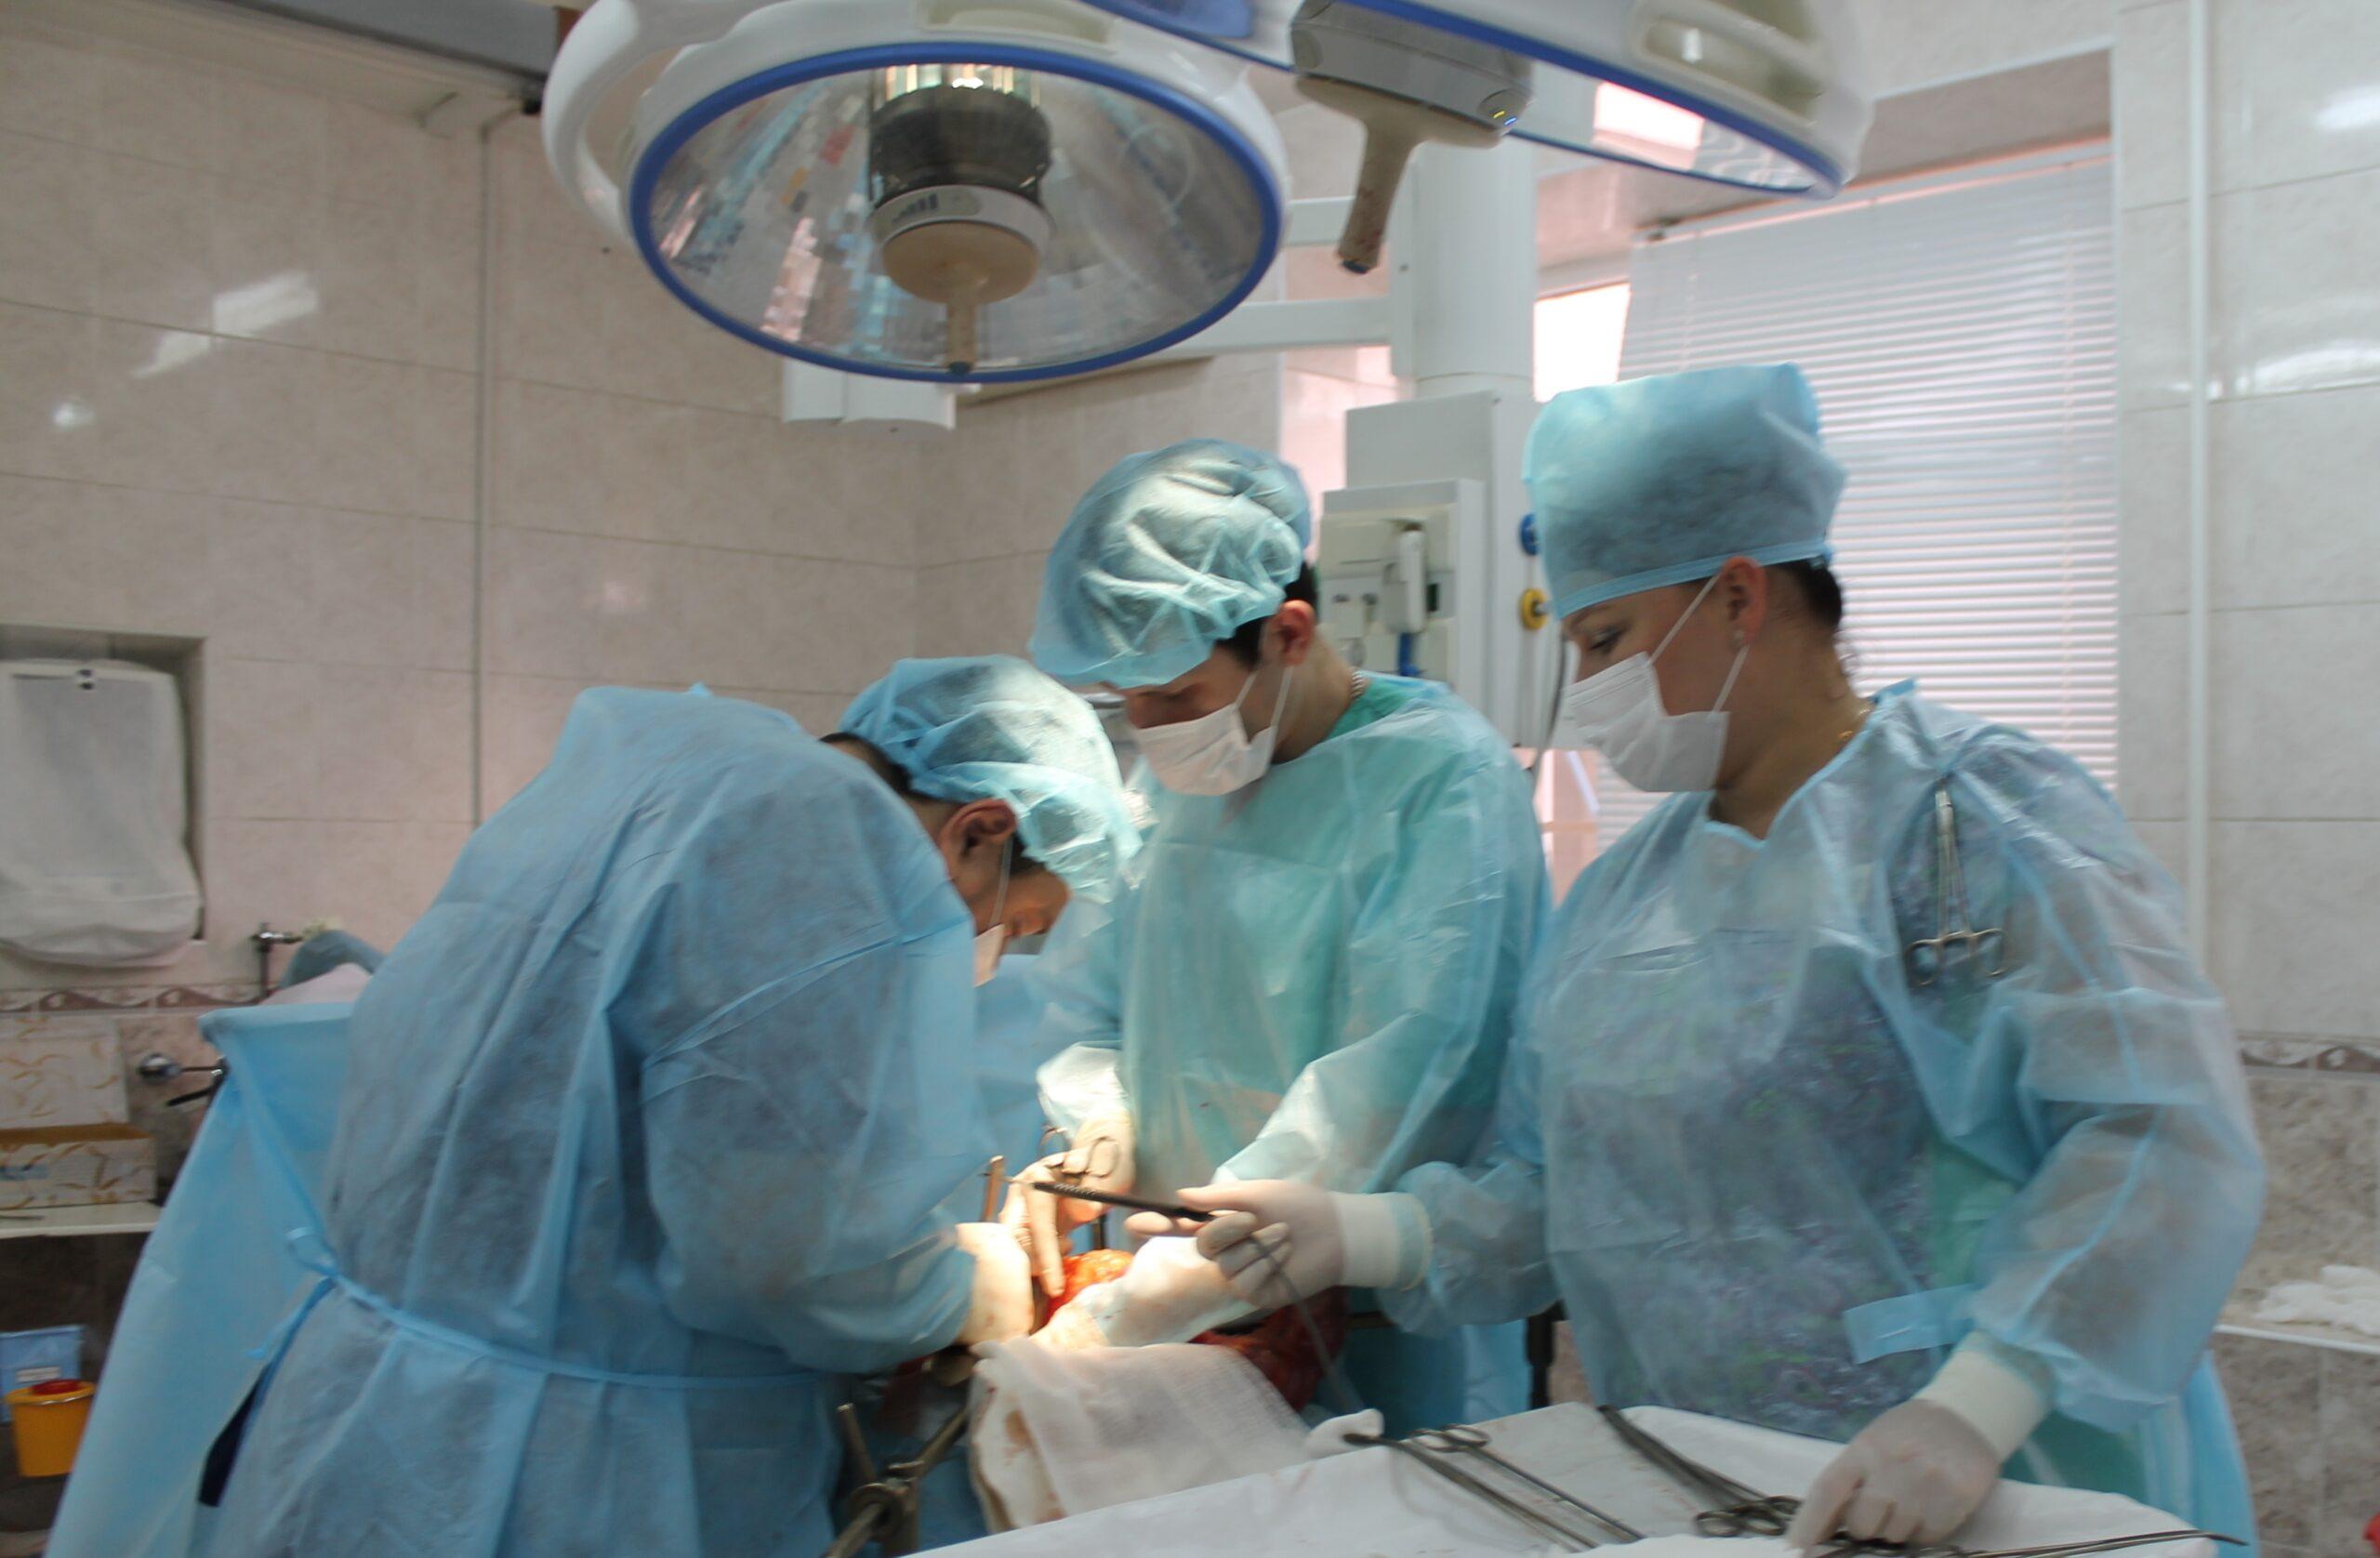 Кубанские онкологи удалили пациенту опухоль весом более 7 кг